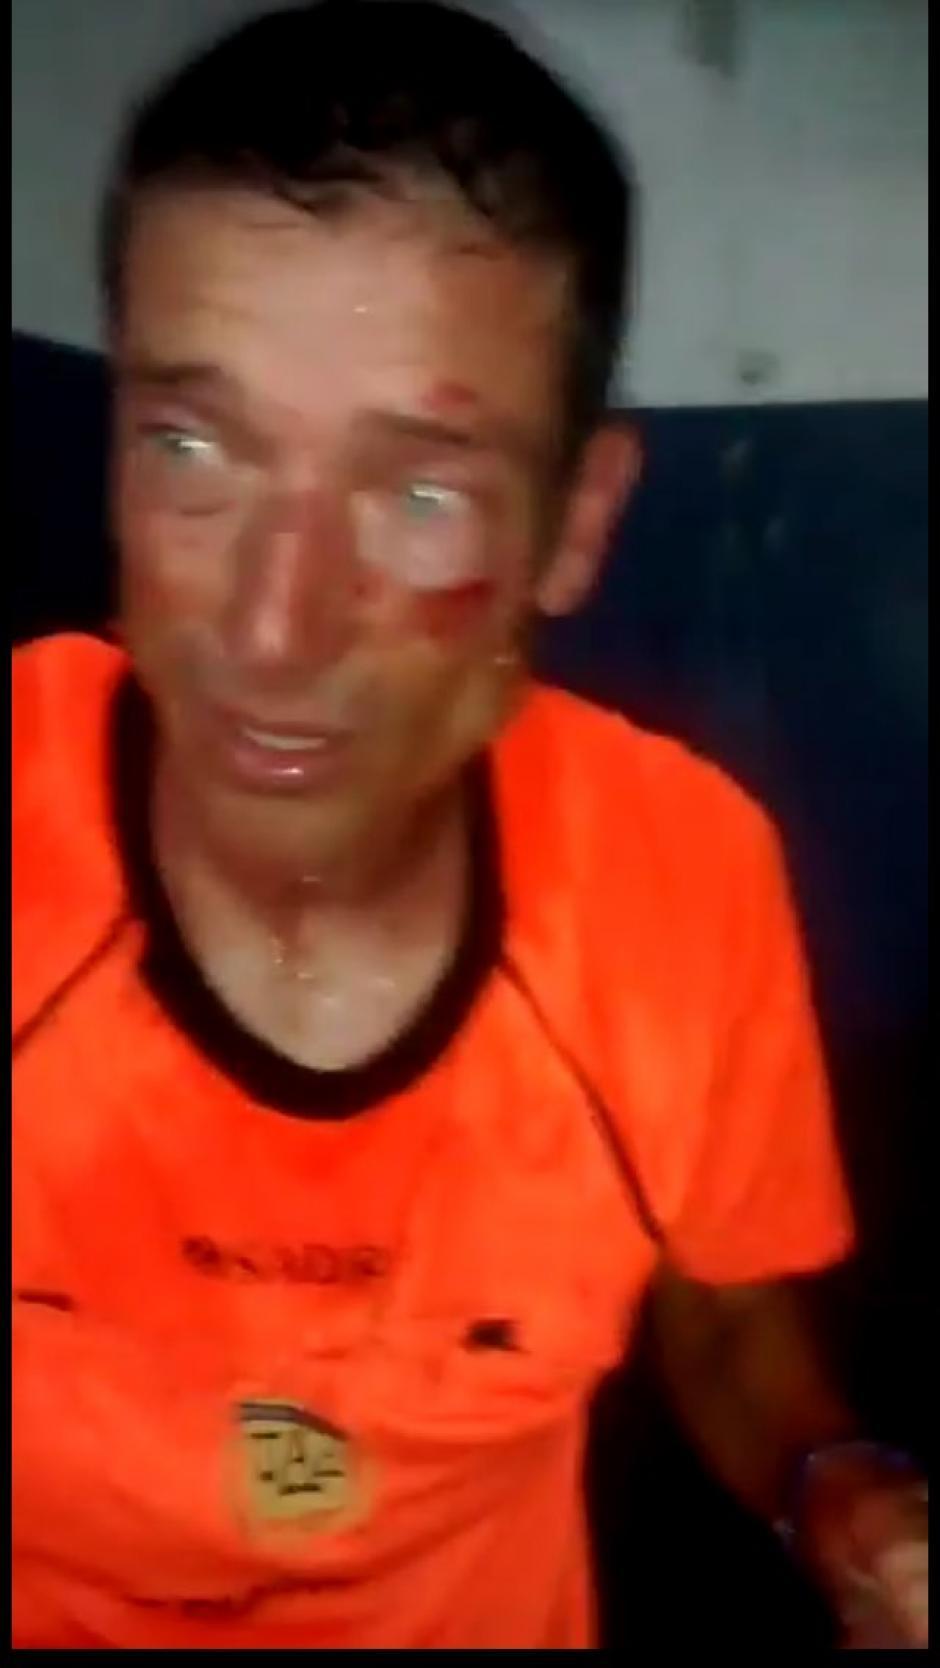 así quedó el rostro de Claudio Elichiri, quien recibió una golpiza. (Foto: Captura de video)